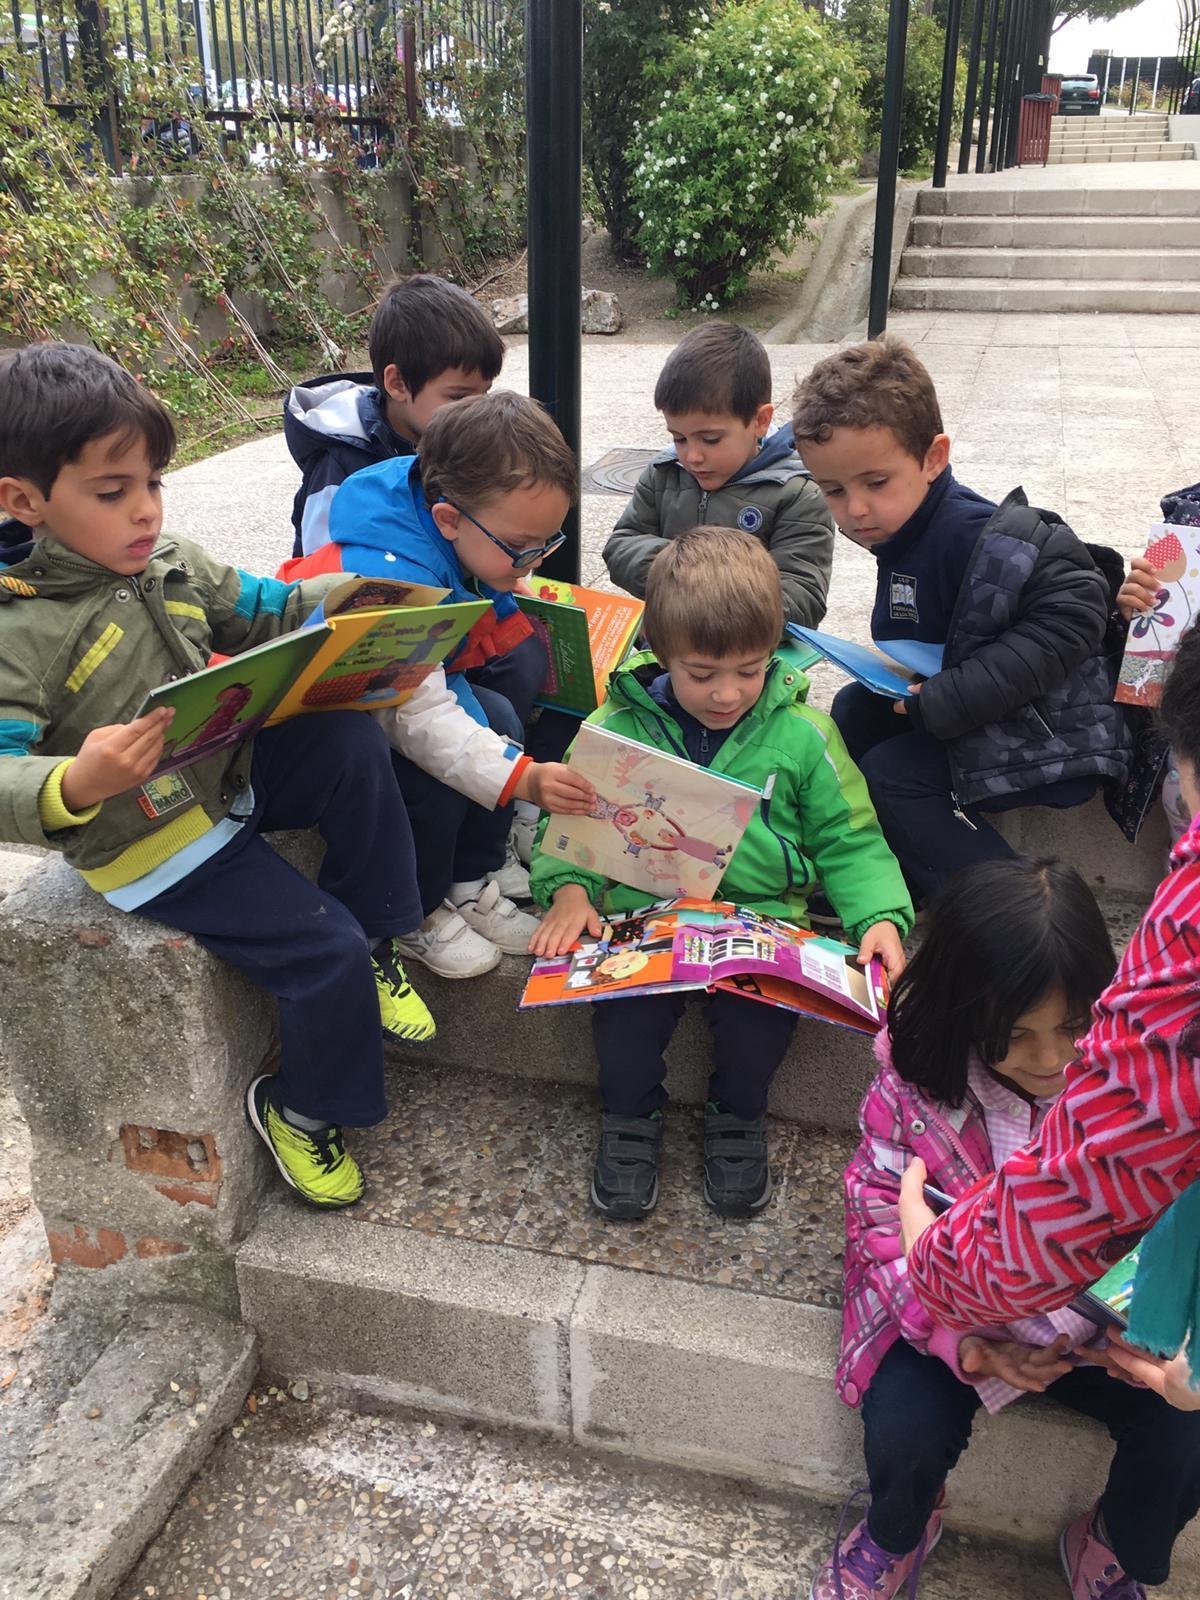 2019_04_03_Infantil 4B en la miniferia_CEIP FDLR_Las Rozas  5